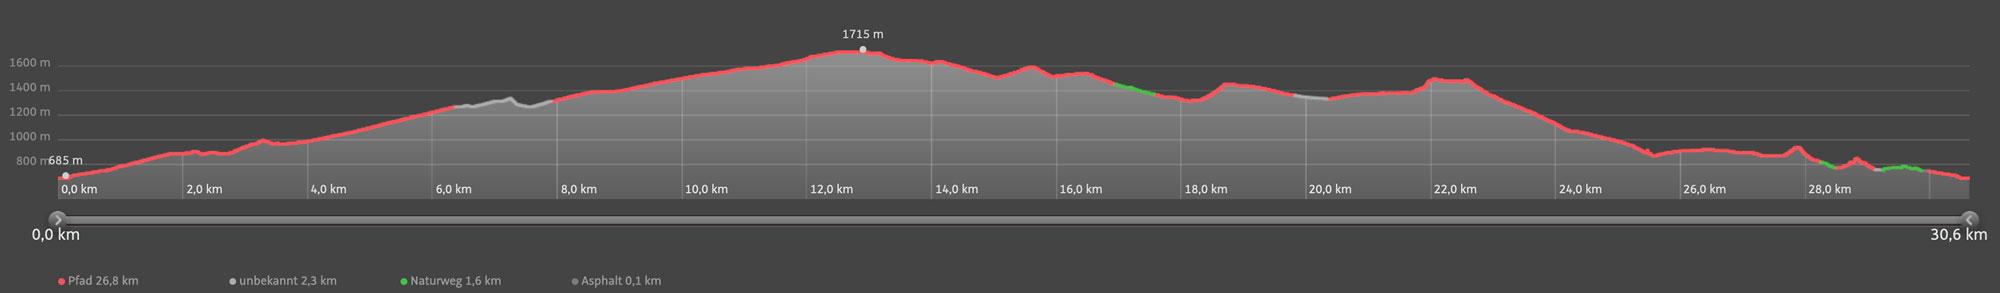 Höhenprofil Bizau Traillauf